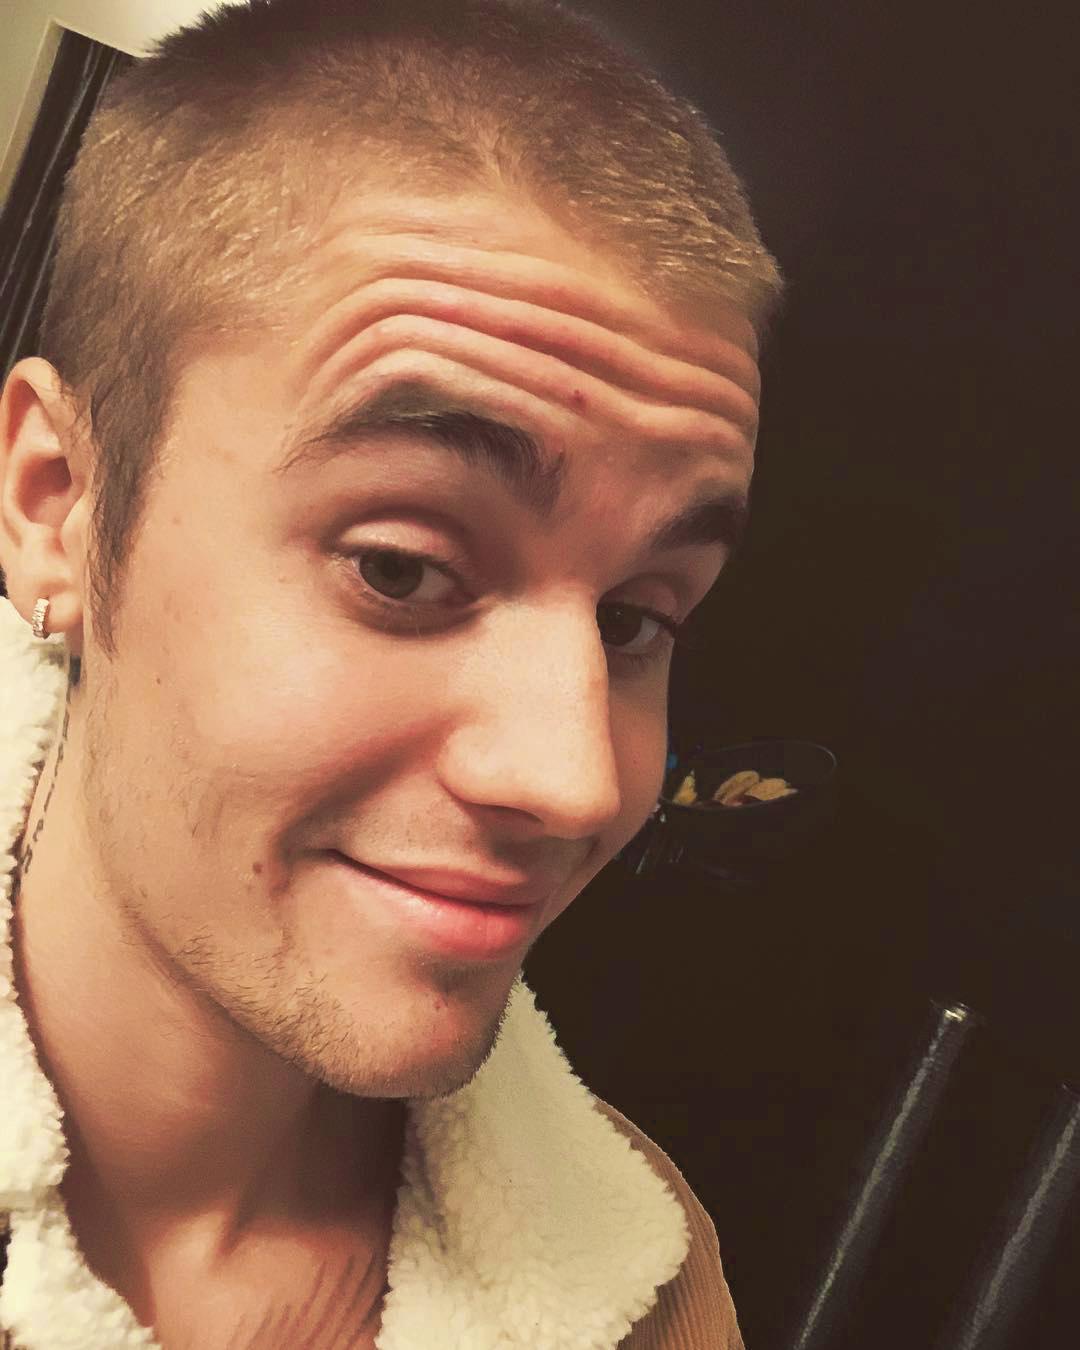 Justin Bieber está recibiendo tratamiento psiquiátrico